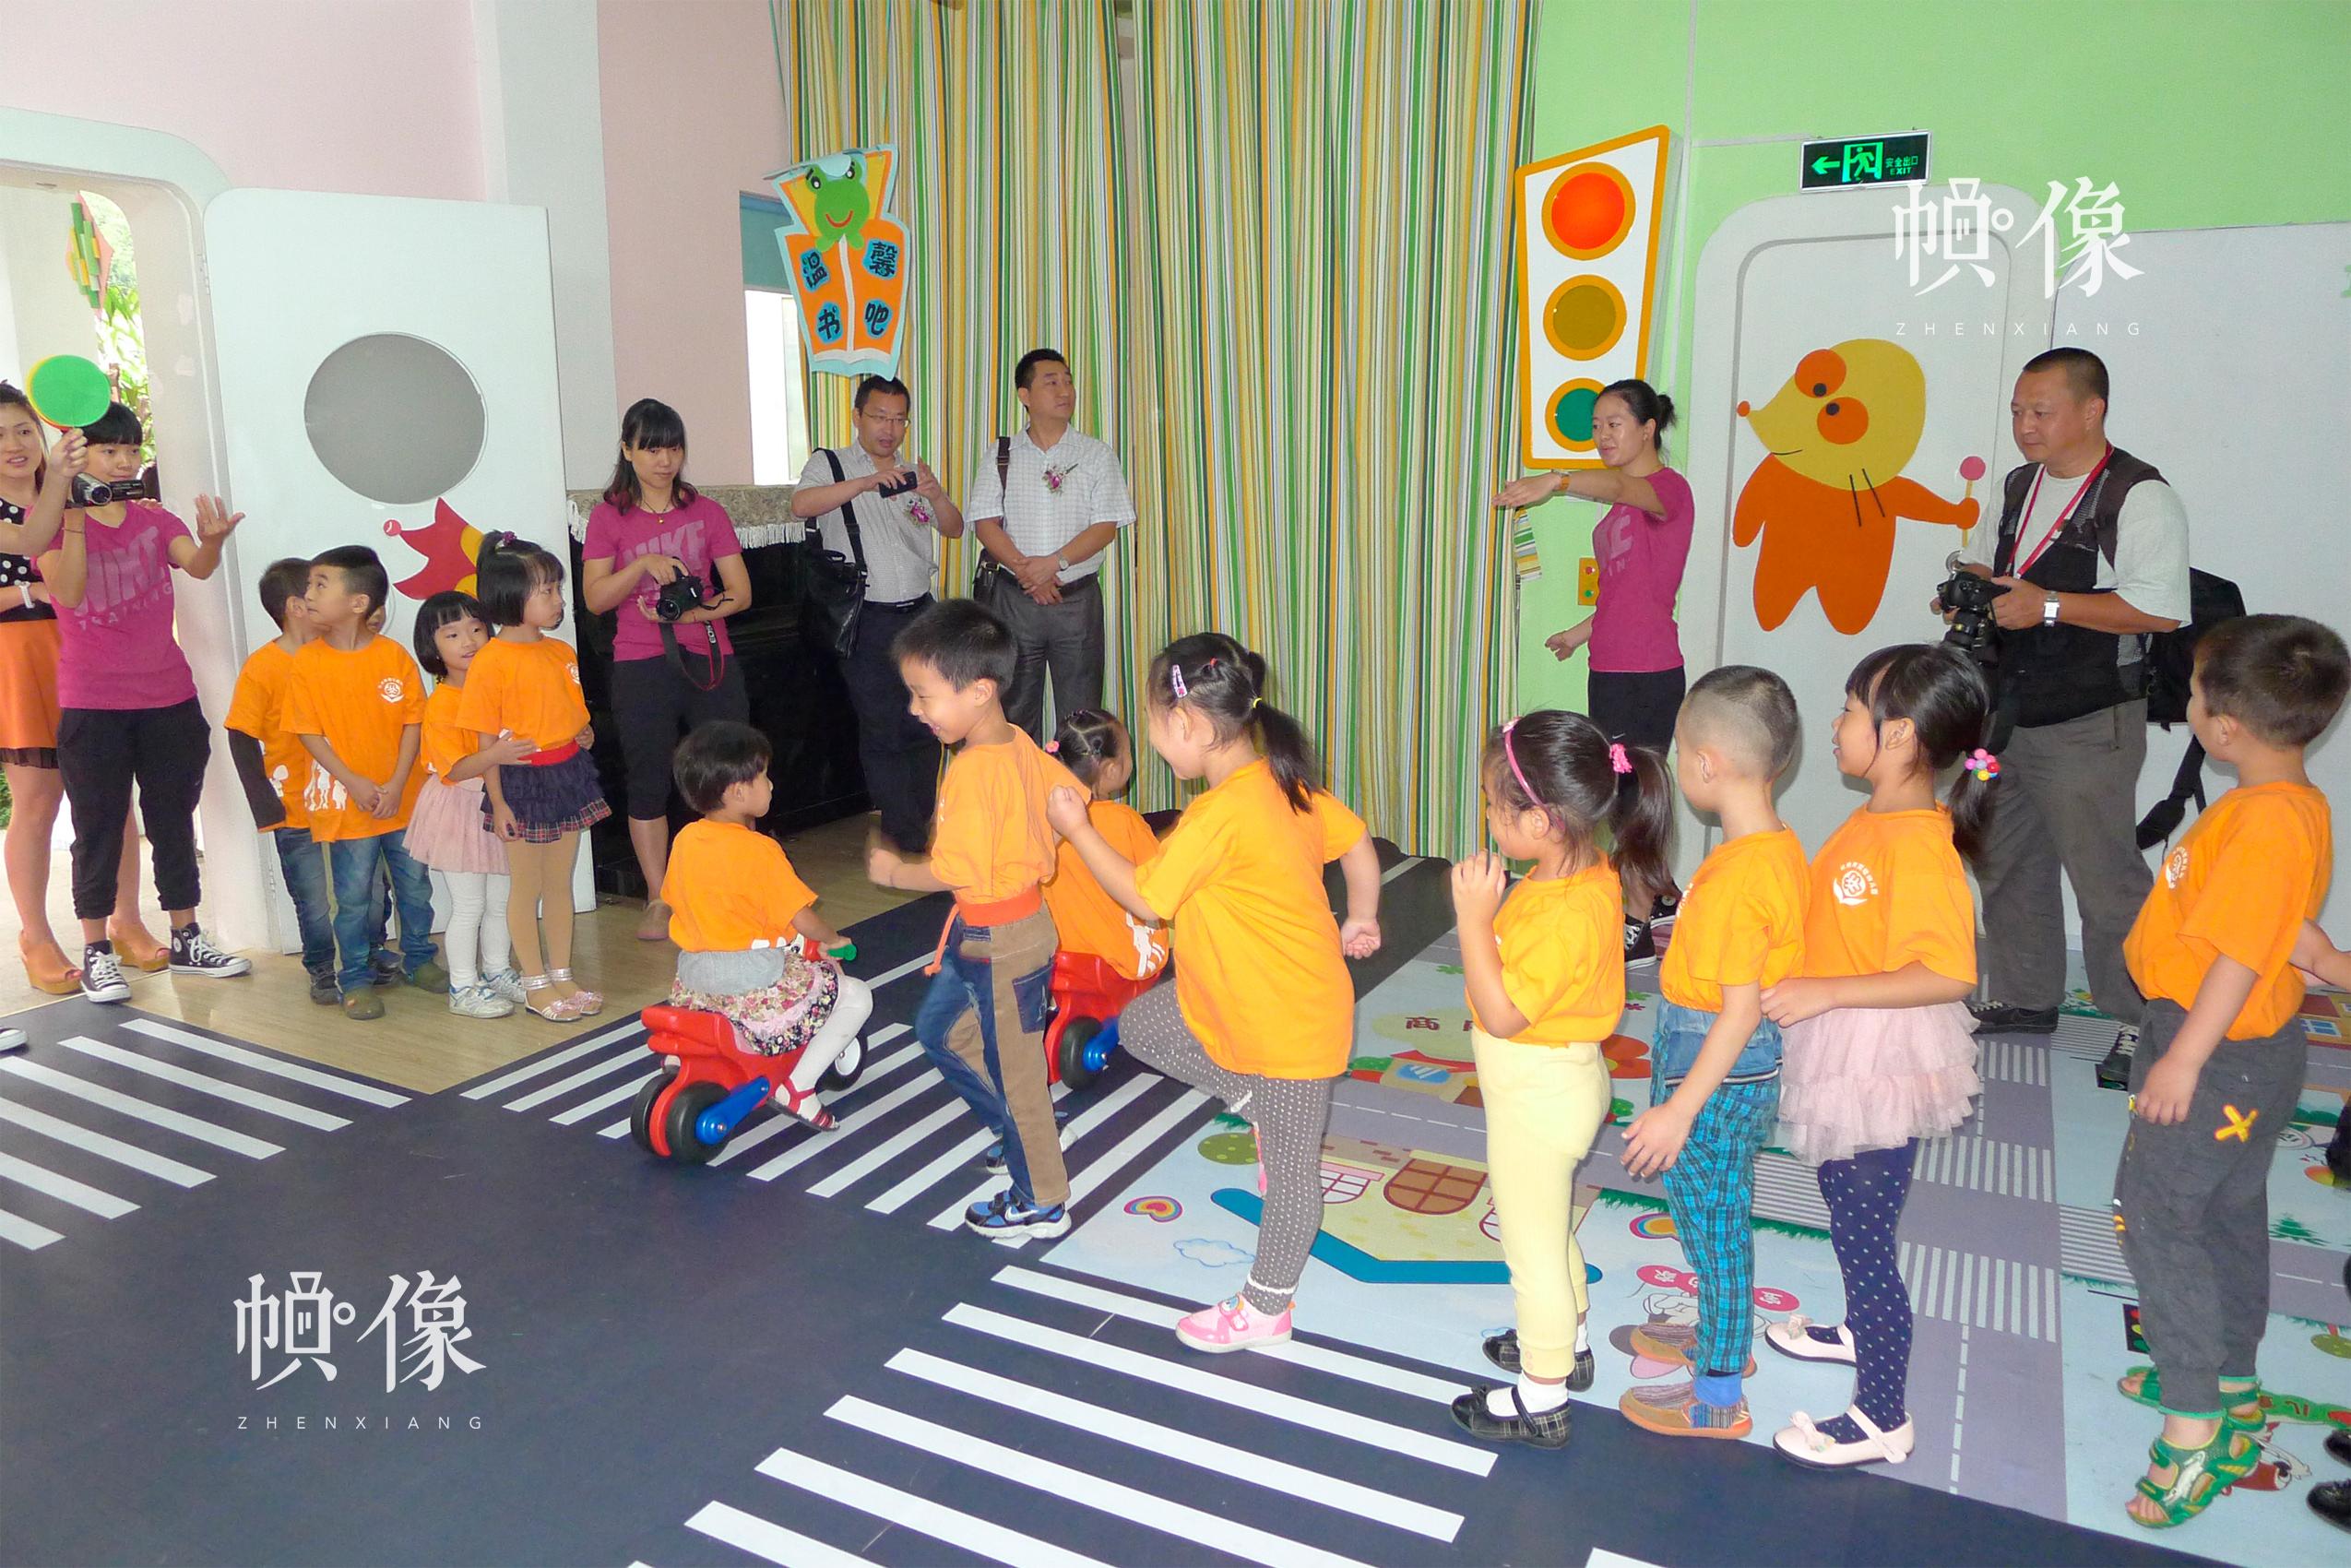 安全教育落地浙江,全国首个安全幼儿示范园在杭州启用,小朋友在教室上课。中国儿童少年基金会供图